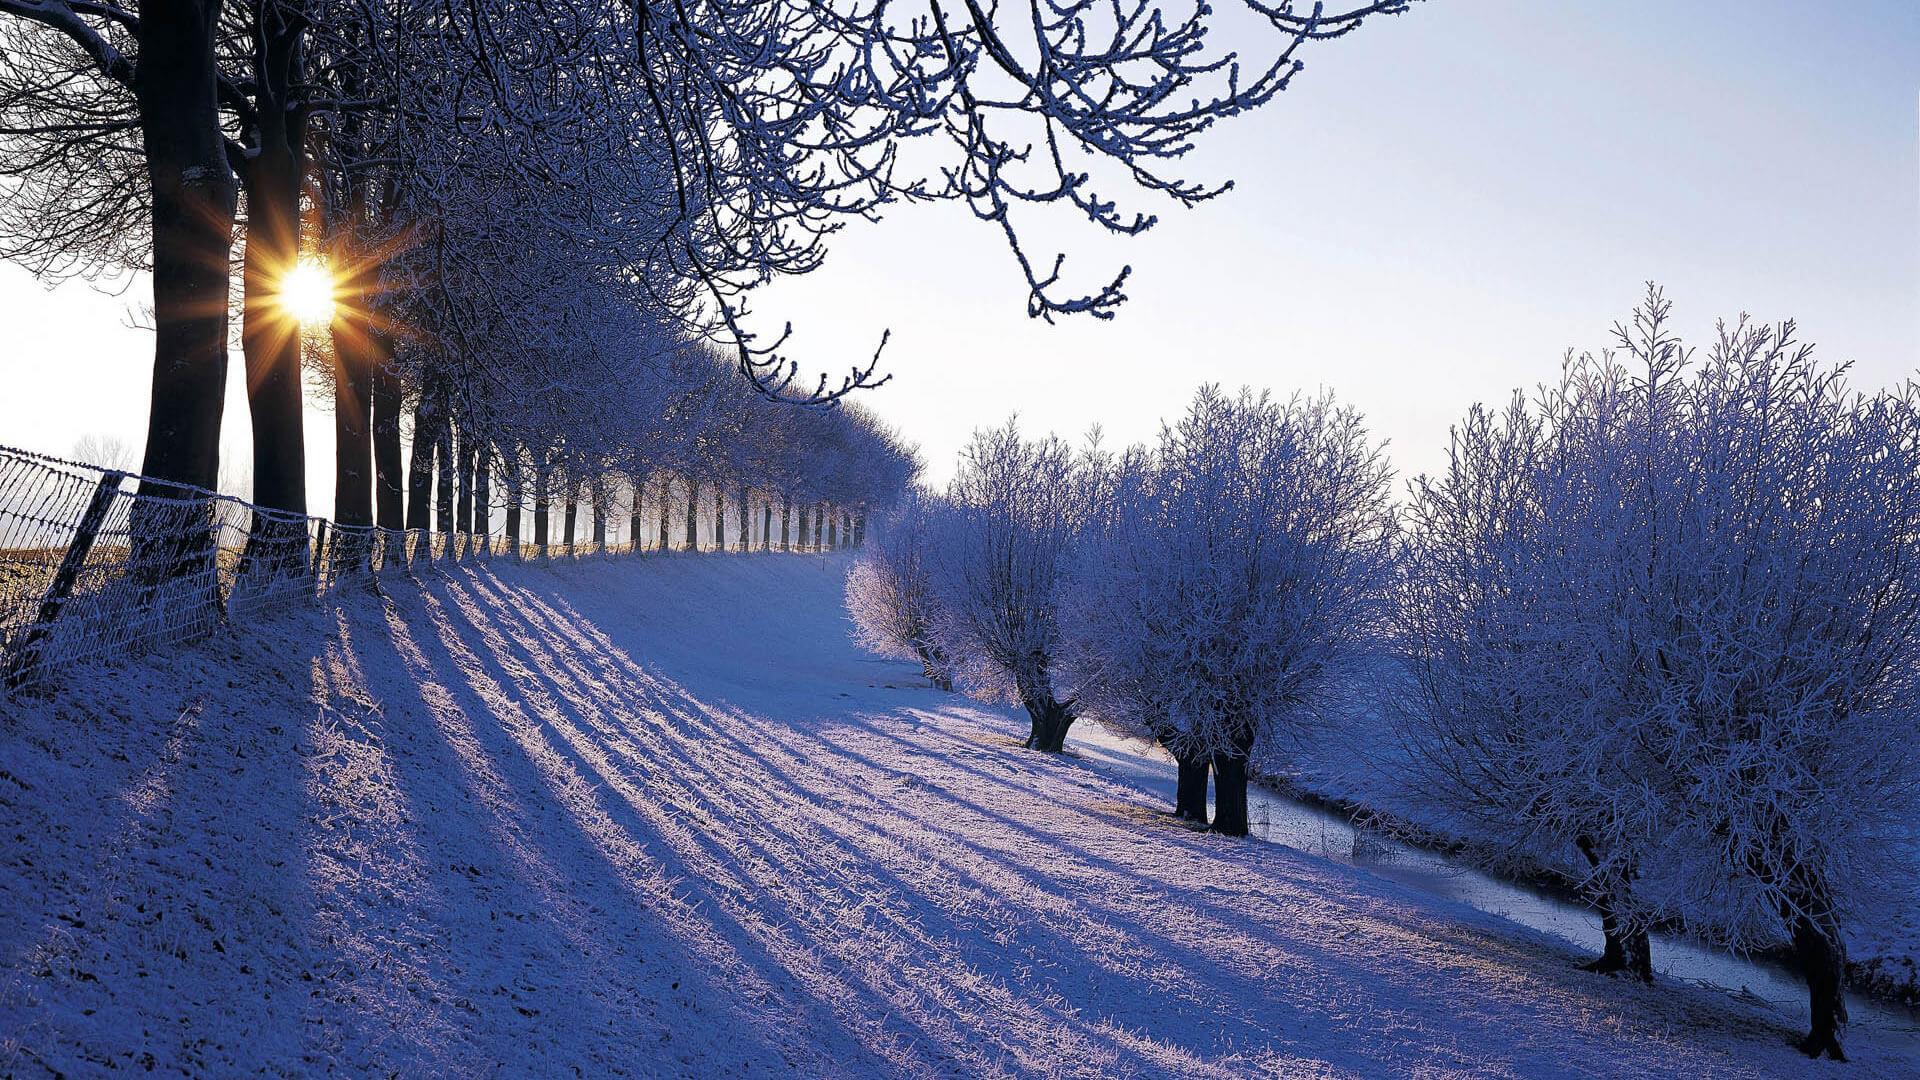 Прекрасная зимняя страна чудес